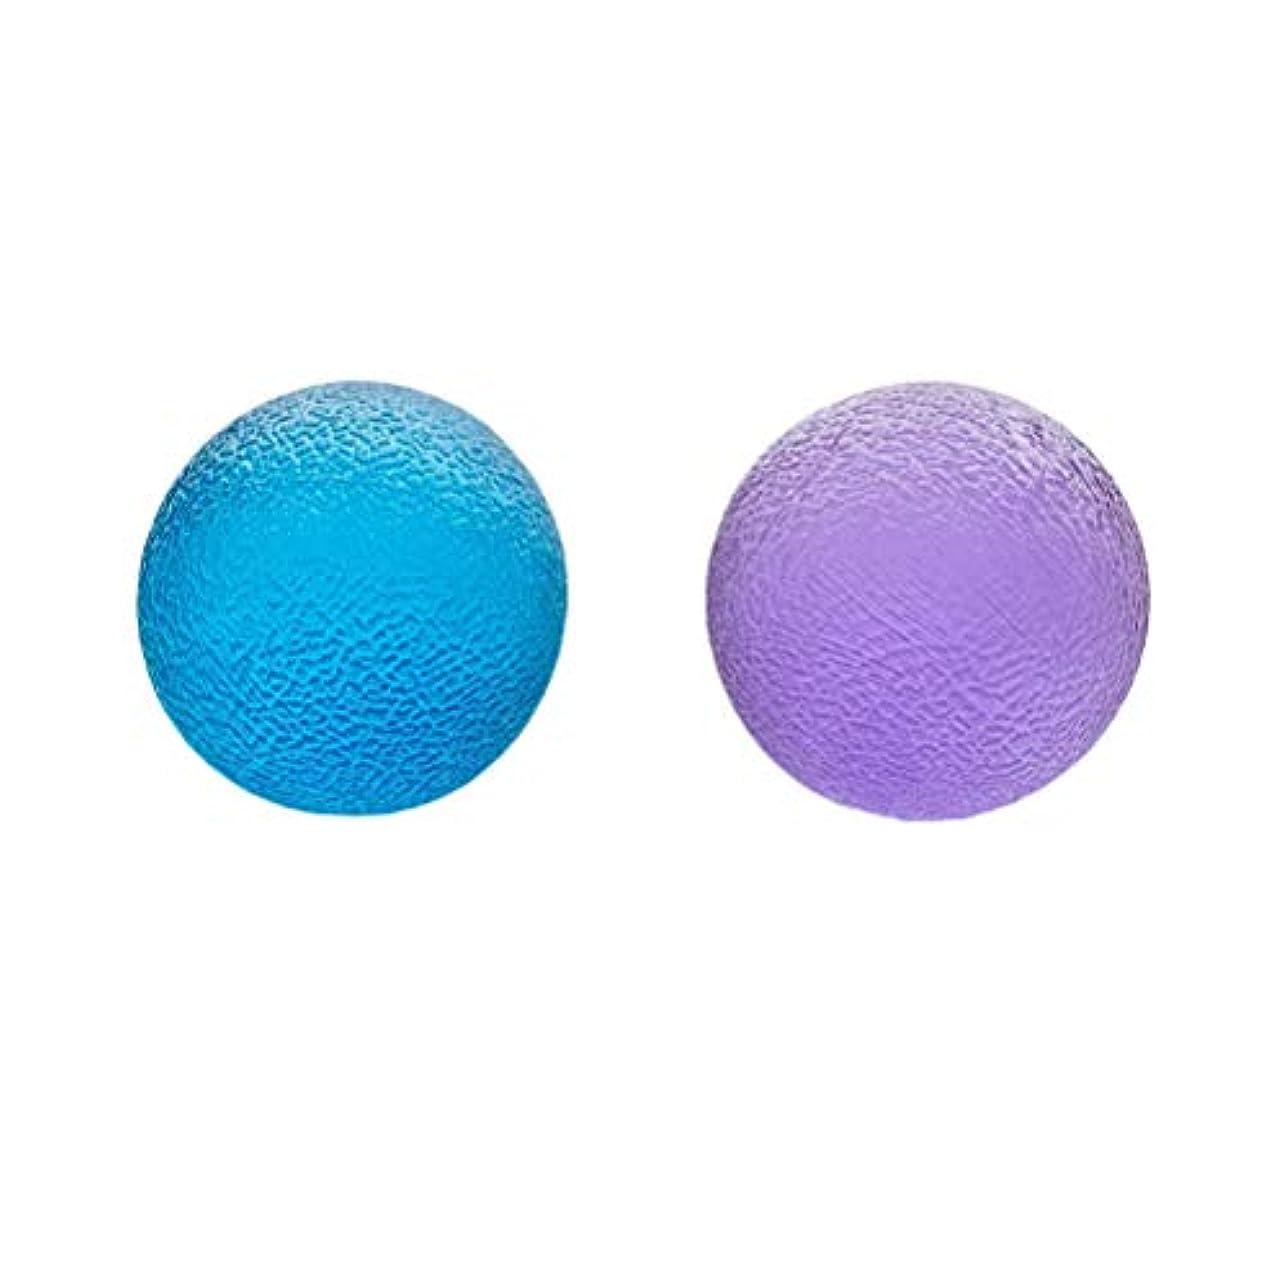 確認思春期モールス信号Healifty ハンドストレスボールセラピーボールストレス解消のためにハンドグリップボールを絞る関節炎の痛みを軽減するセラピー強化治療2個(青と紫)